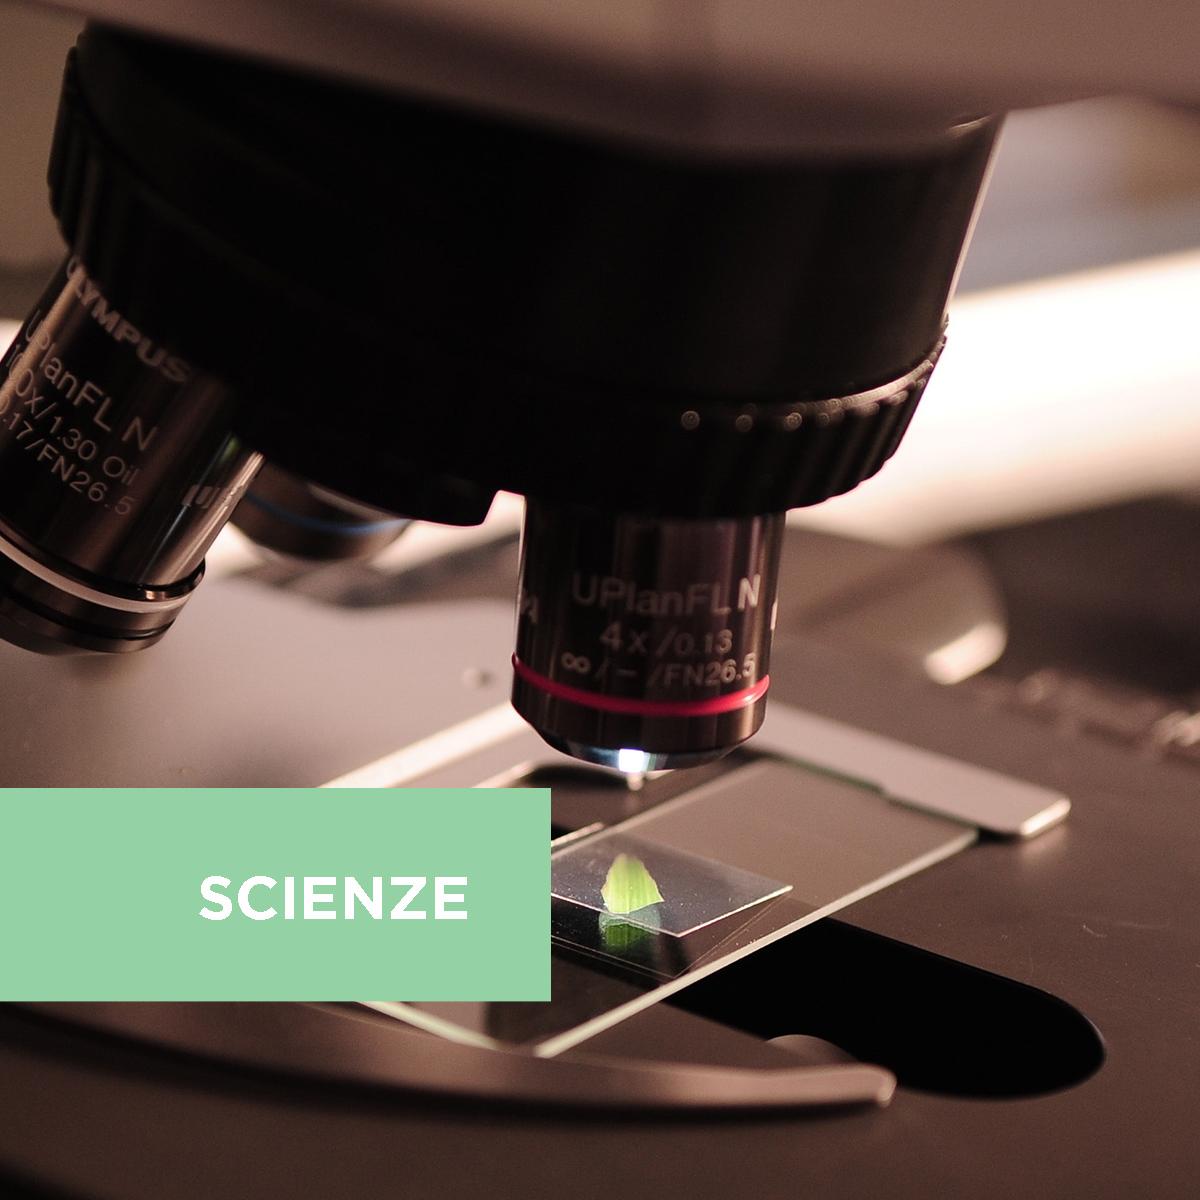 I microrganismi, questi sconosciuti: scopriamoli investigando